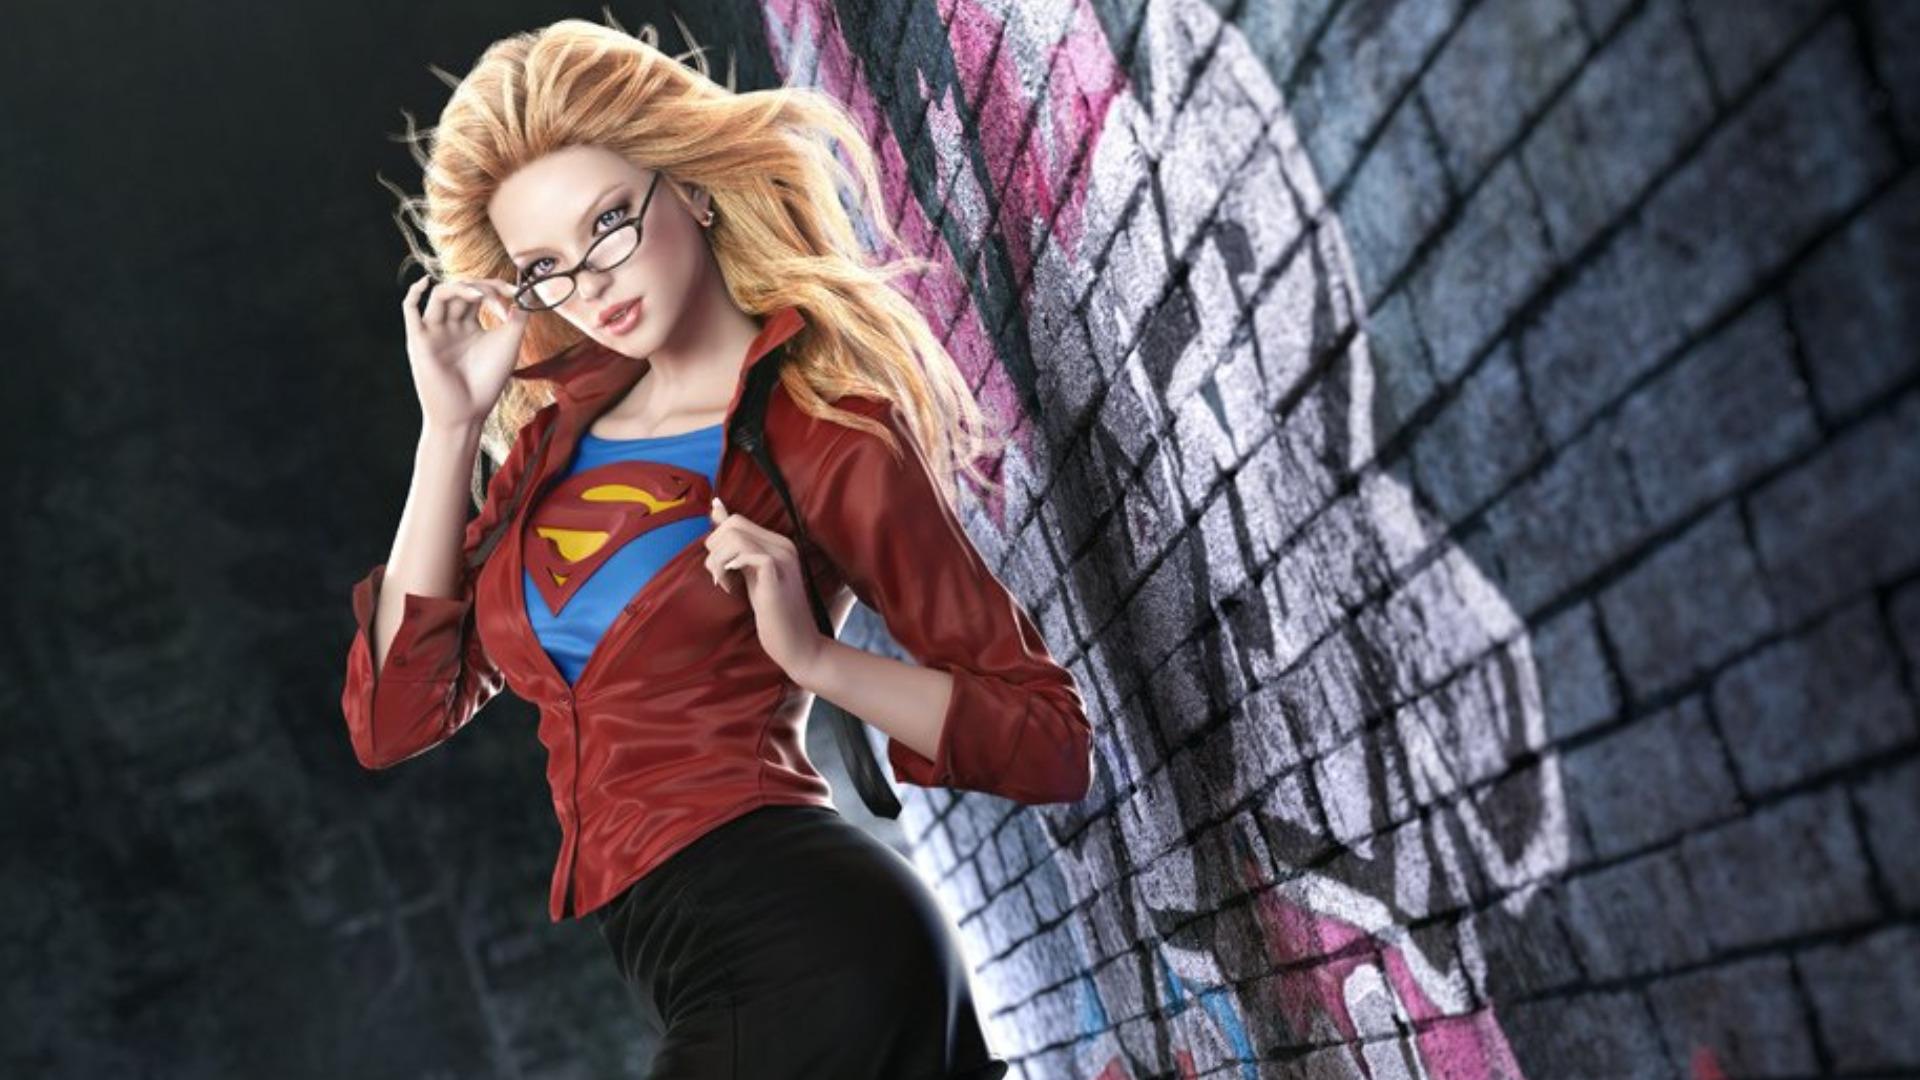 Supergirl Computer Wallpapers Desktop Backgrounds 1920x1080 ID 1920x1080